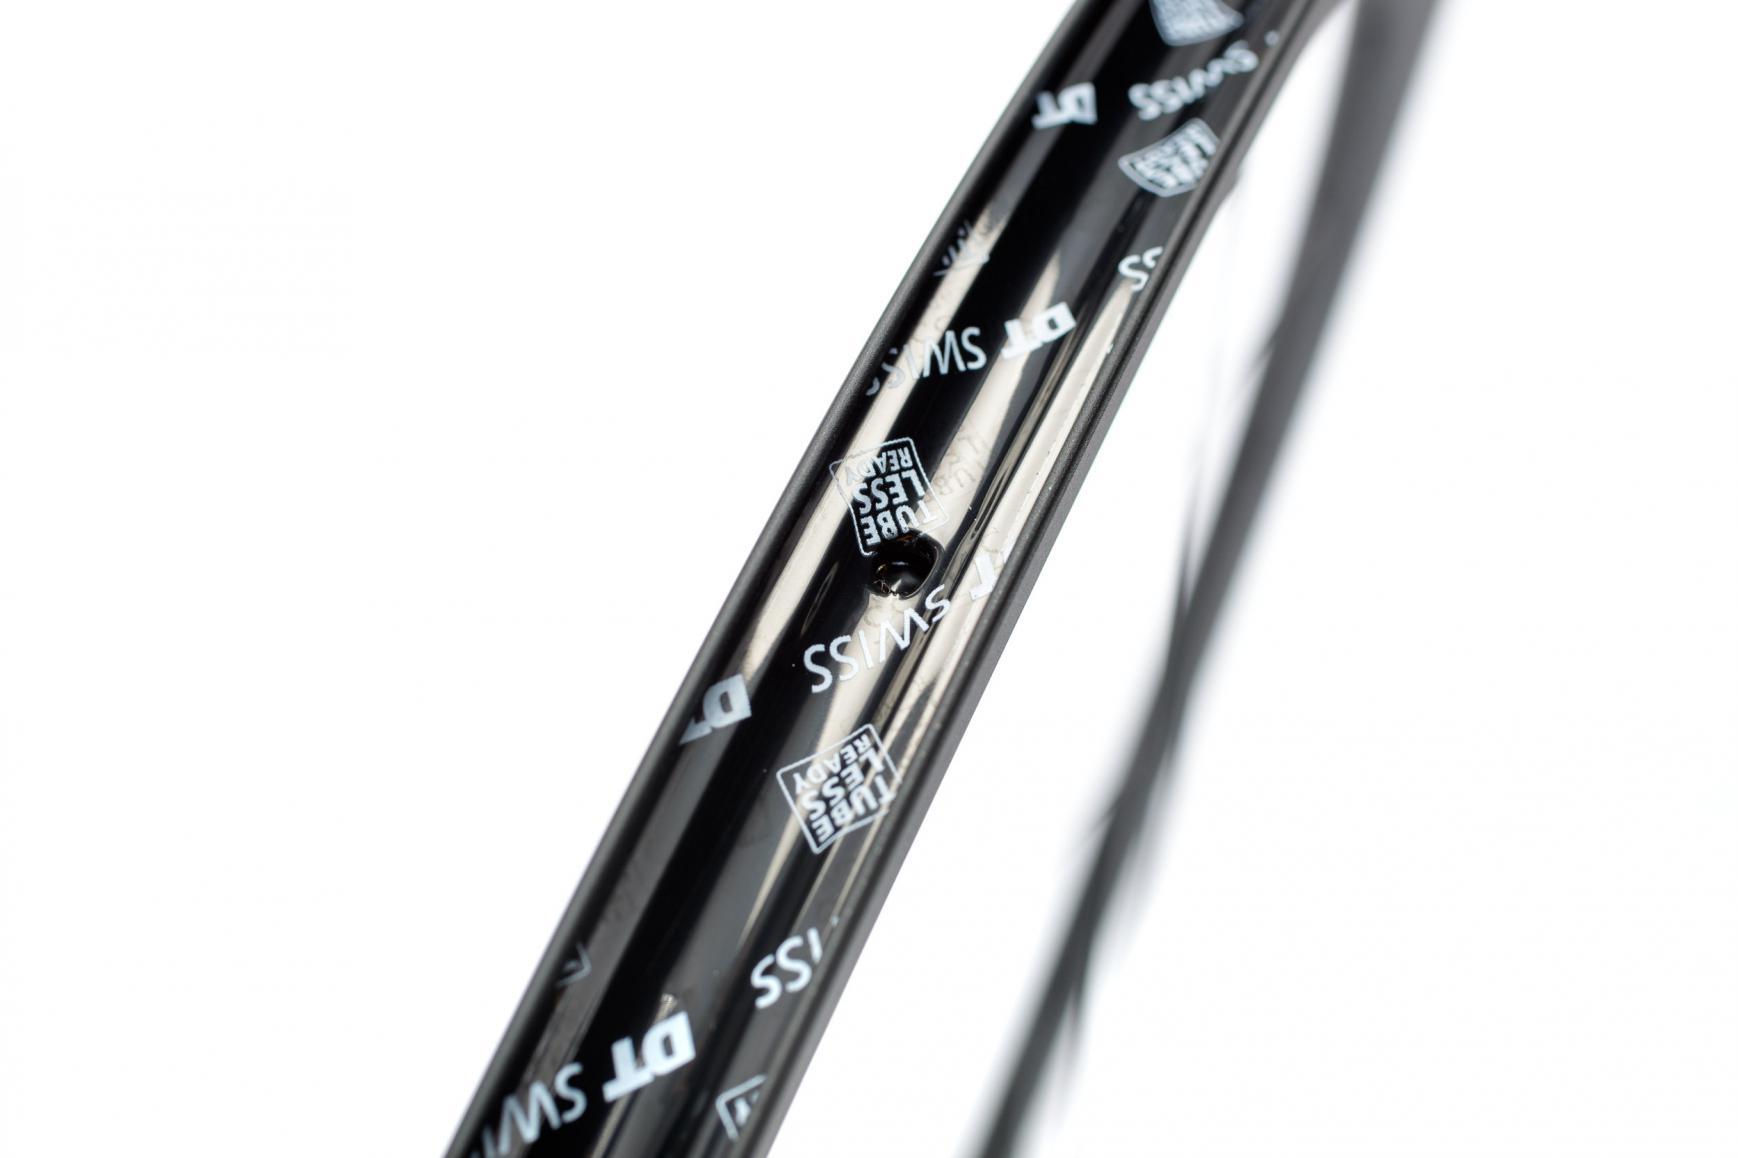 Zunächst muss ein TLR-Felgenband in der richtigen Breite montiert werden (Hinweis: Felgen und Finger müssen fettfrei sein).